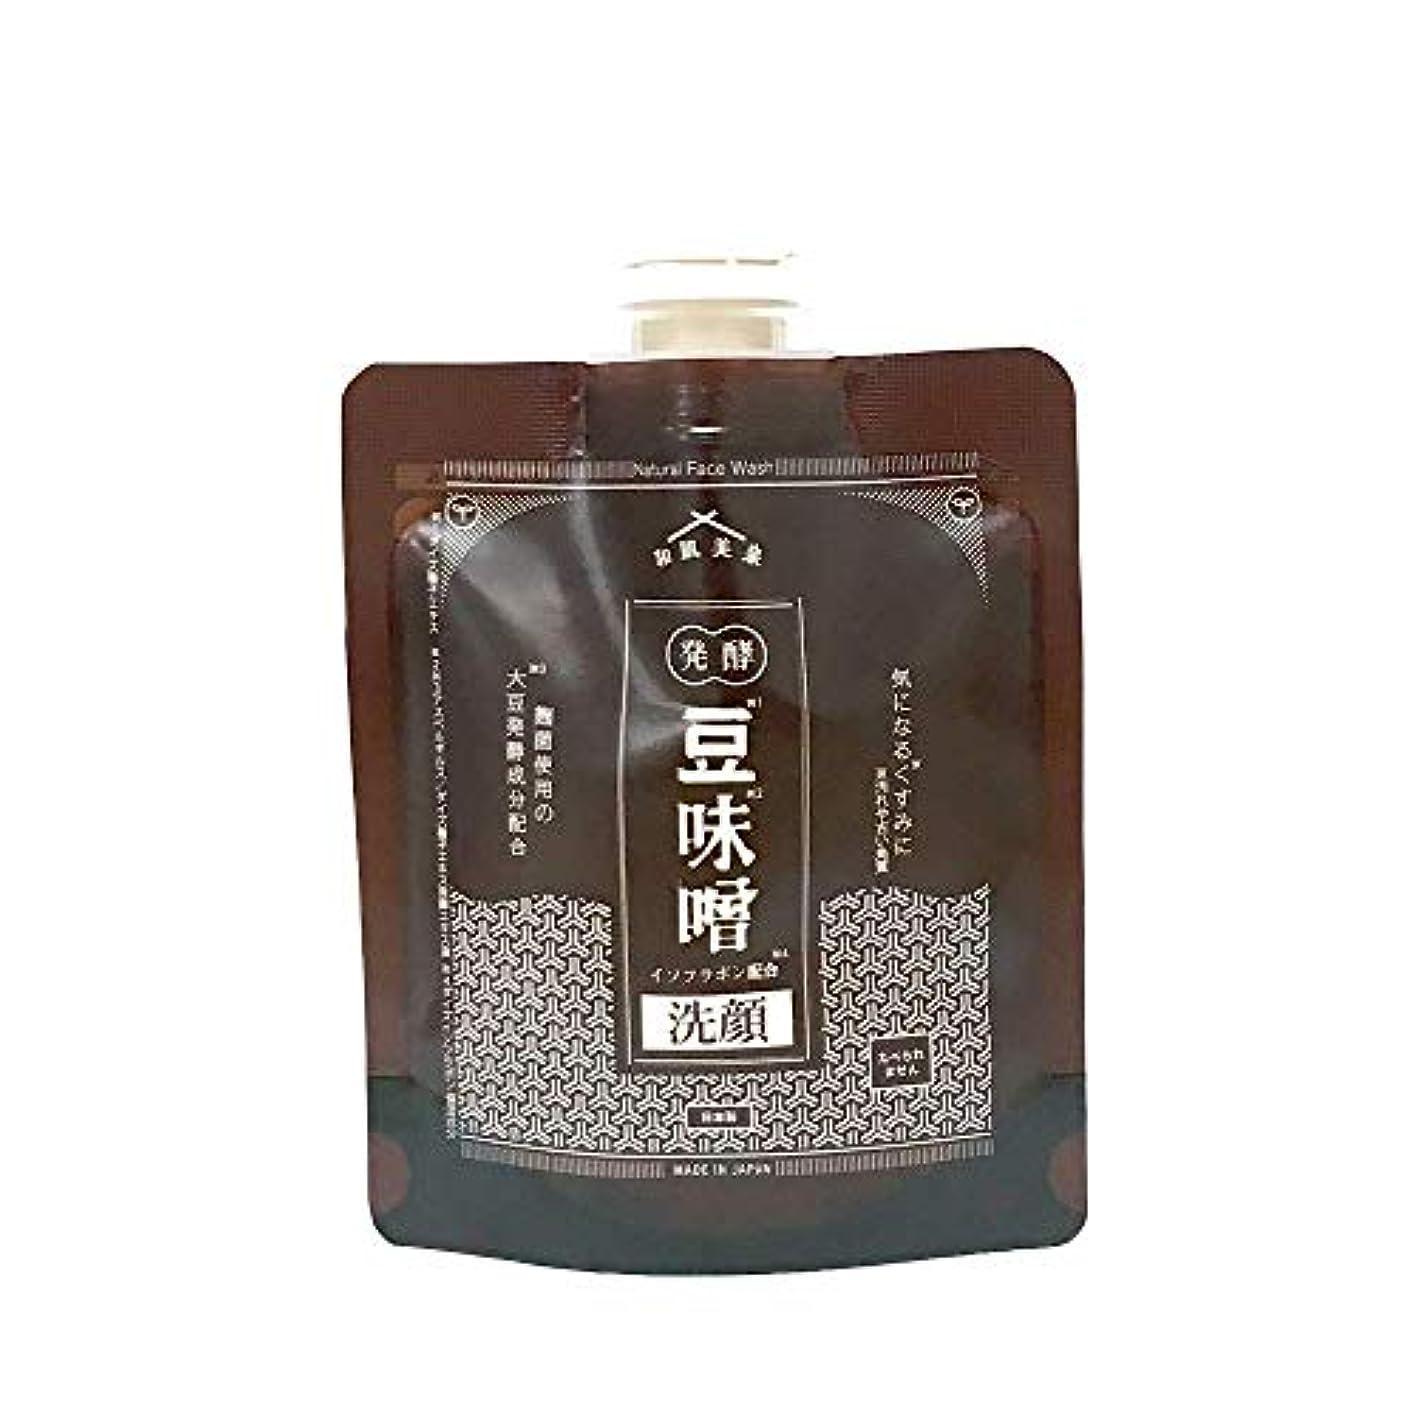 一般ベンチャー一握り和肌美泉 発酵•豆味噌イソフラボン洗顔 100g